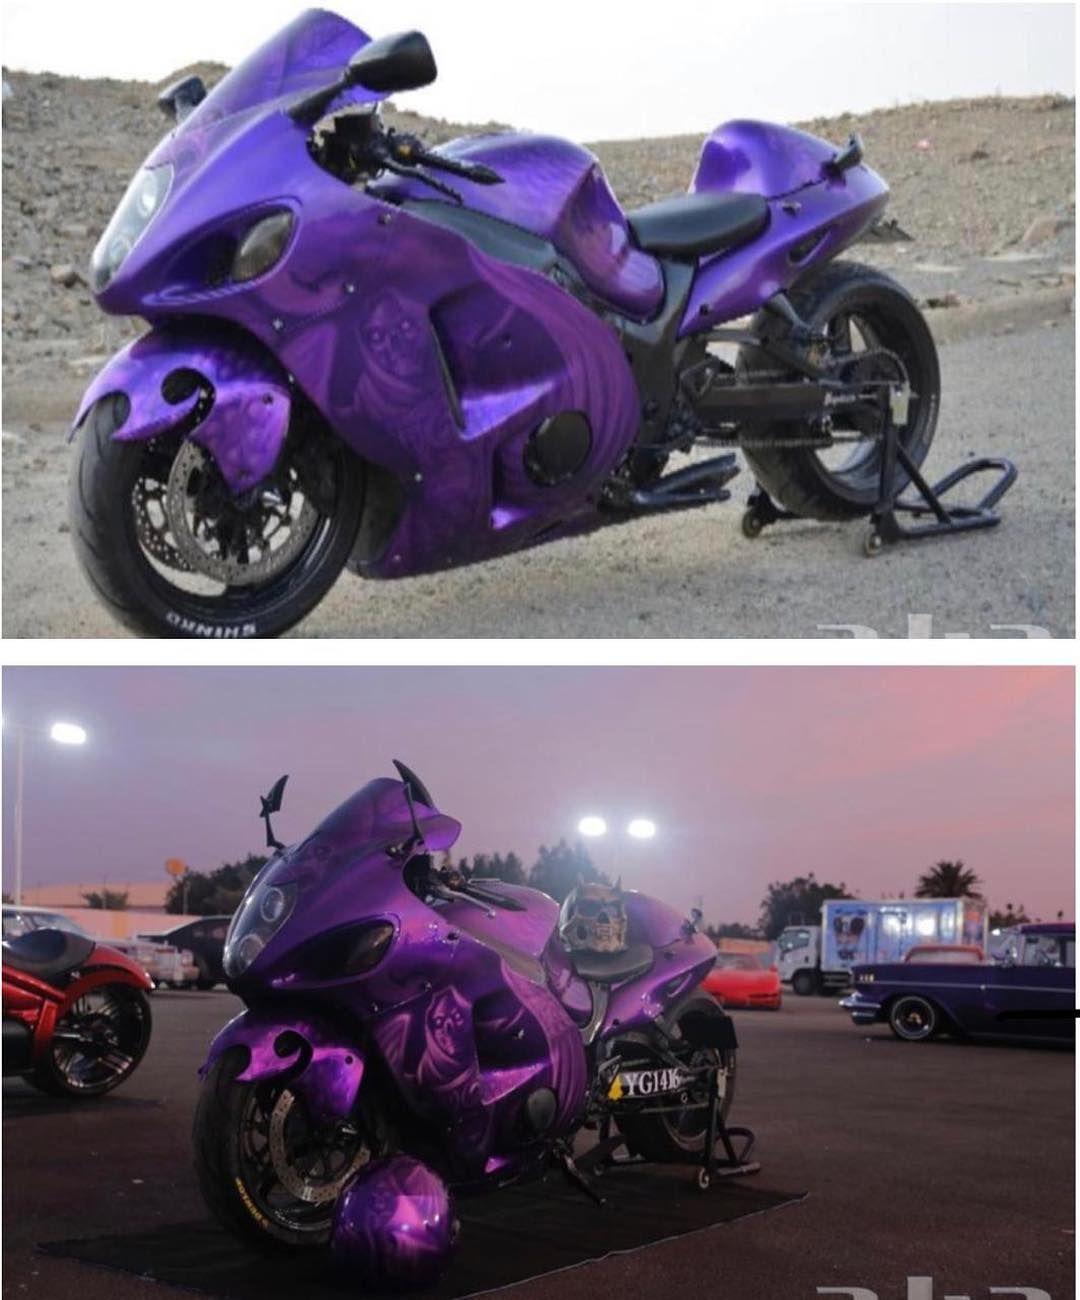 Hayabusa Owners Gcc On Instagram للبيع هايبوزا موديل 2004 معدل في الشكل الخارجي التعديلات ١ لون موف بنوع هاوس اوف كلر مع رسم بالاي Vehicles Motorcycle